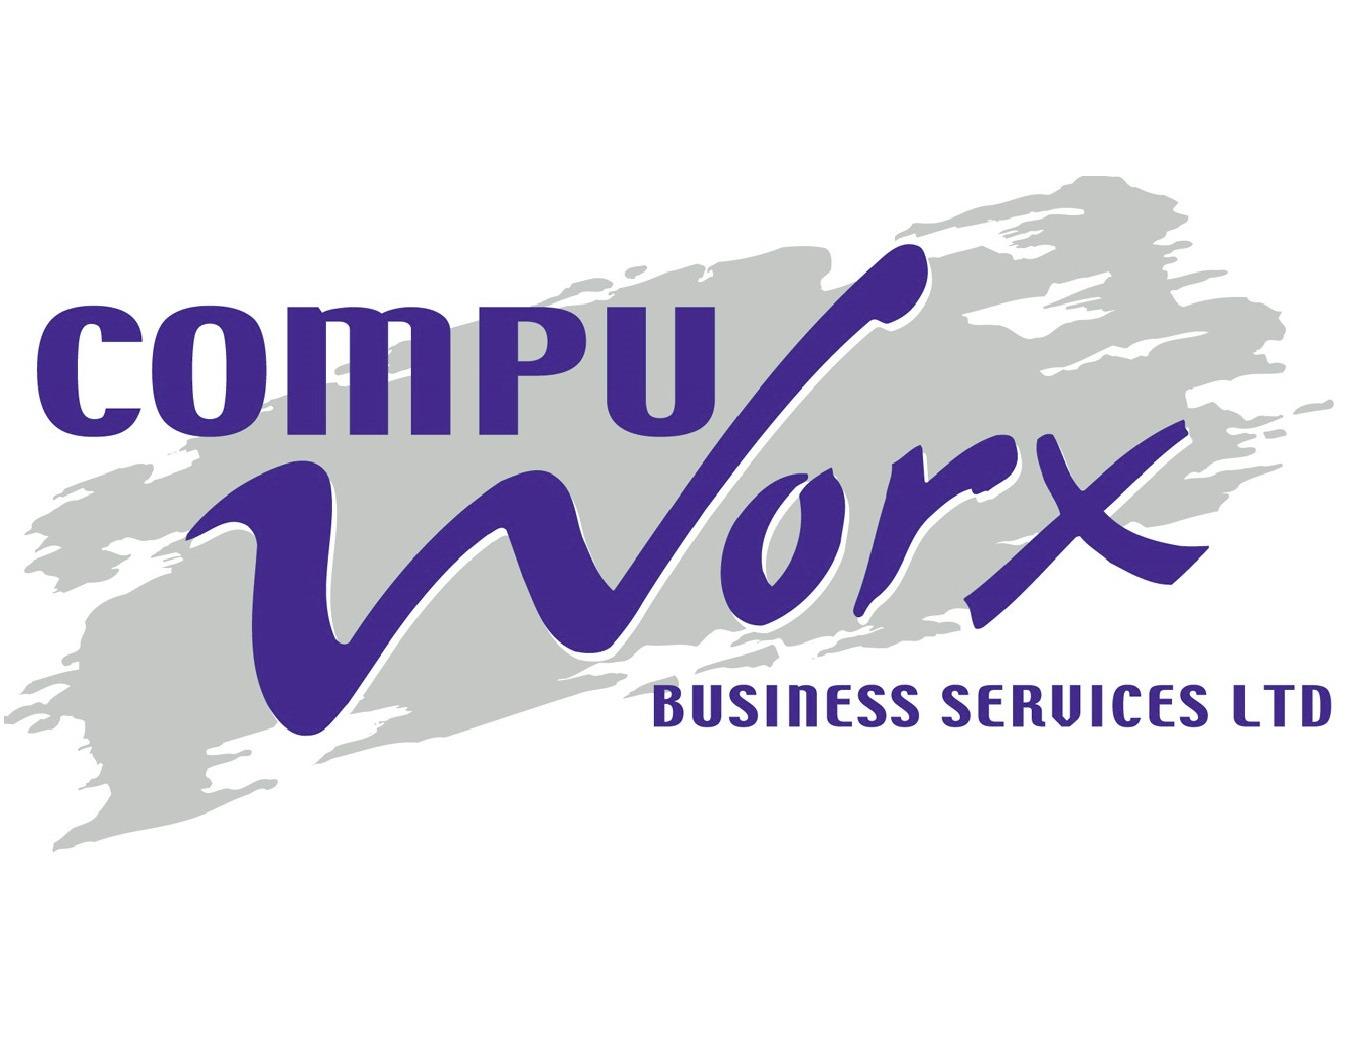 CompuWorx Business Services